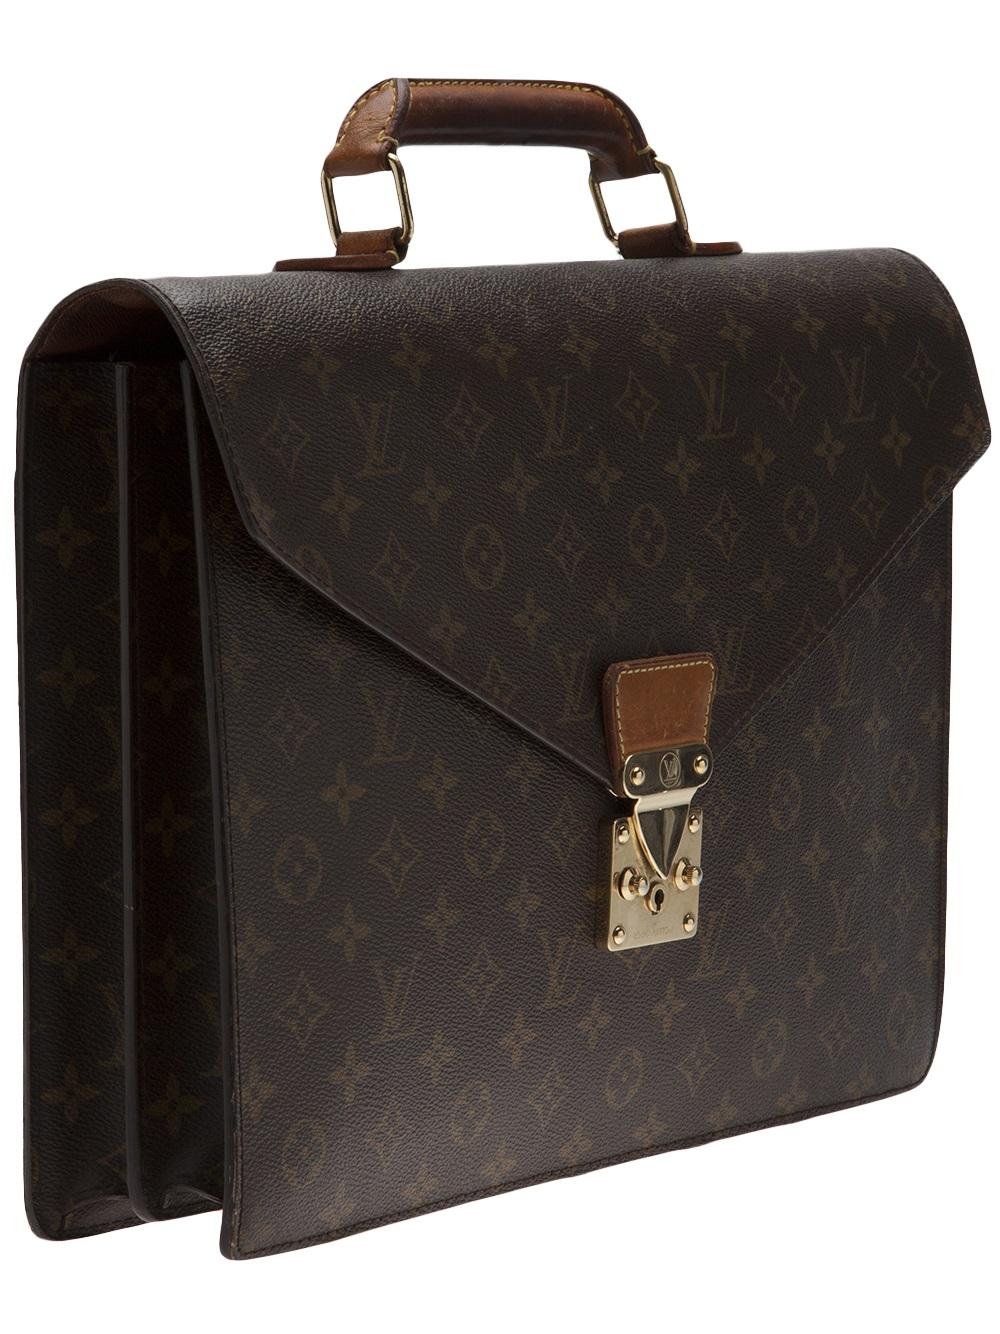 bc35f143eeb9 Lyst - Louis Vuitton Monogram Serviette Briefcase in Brown